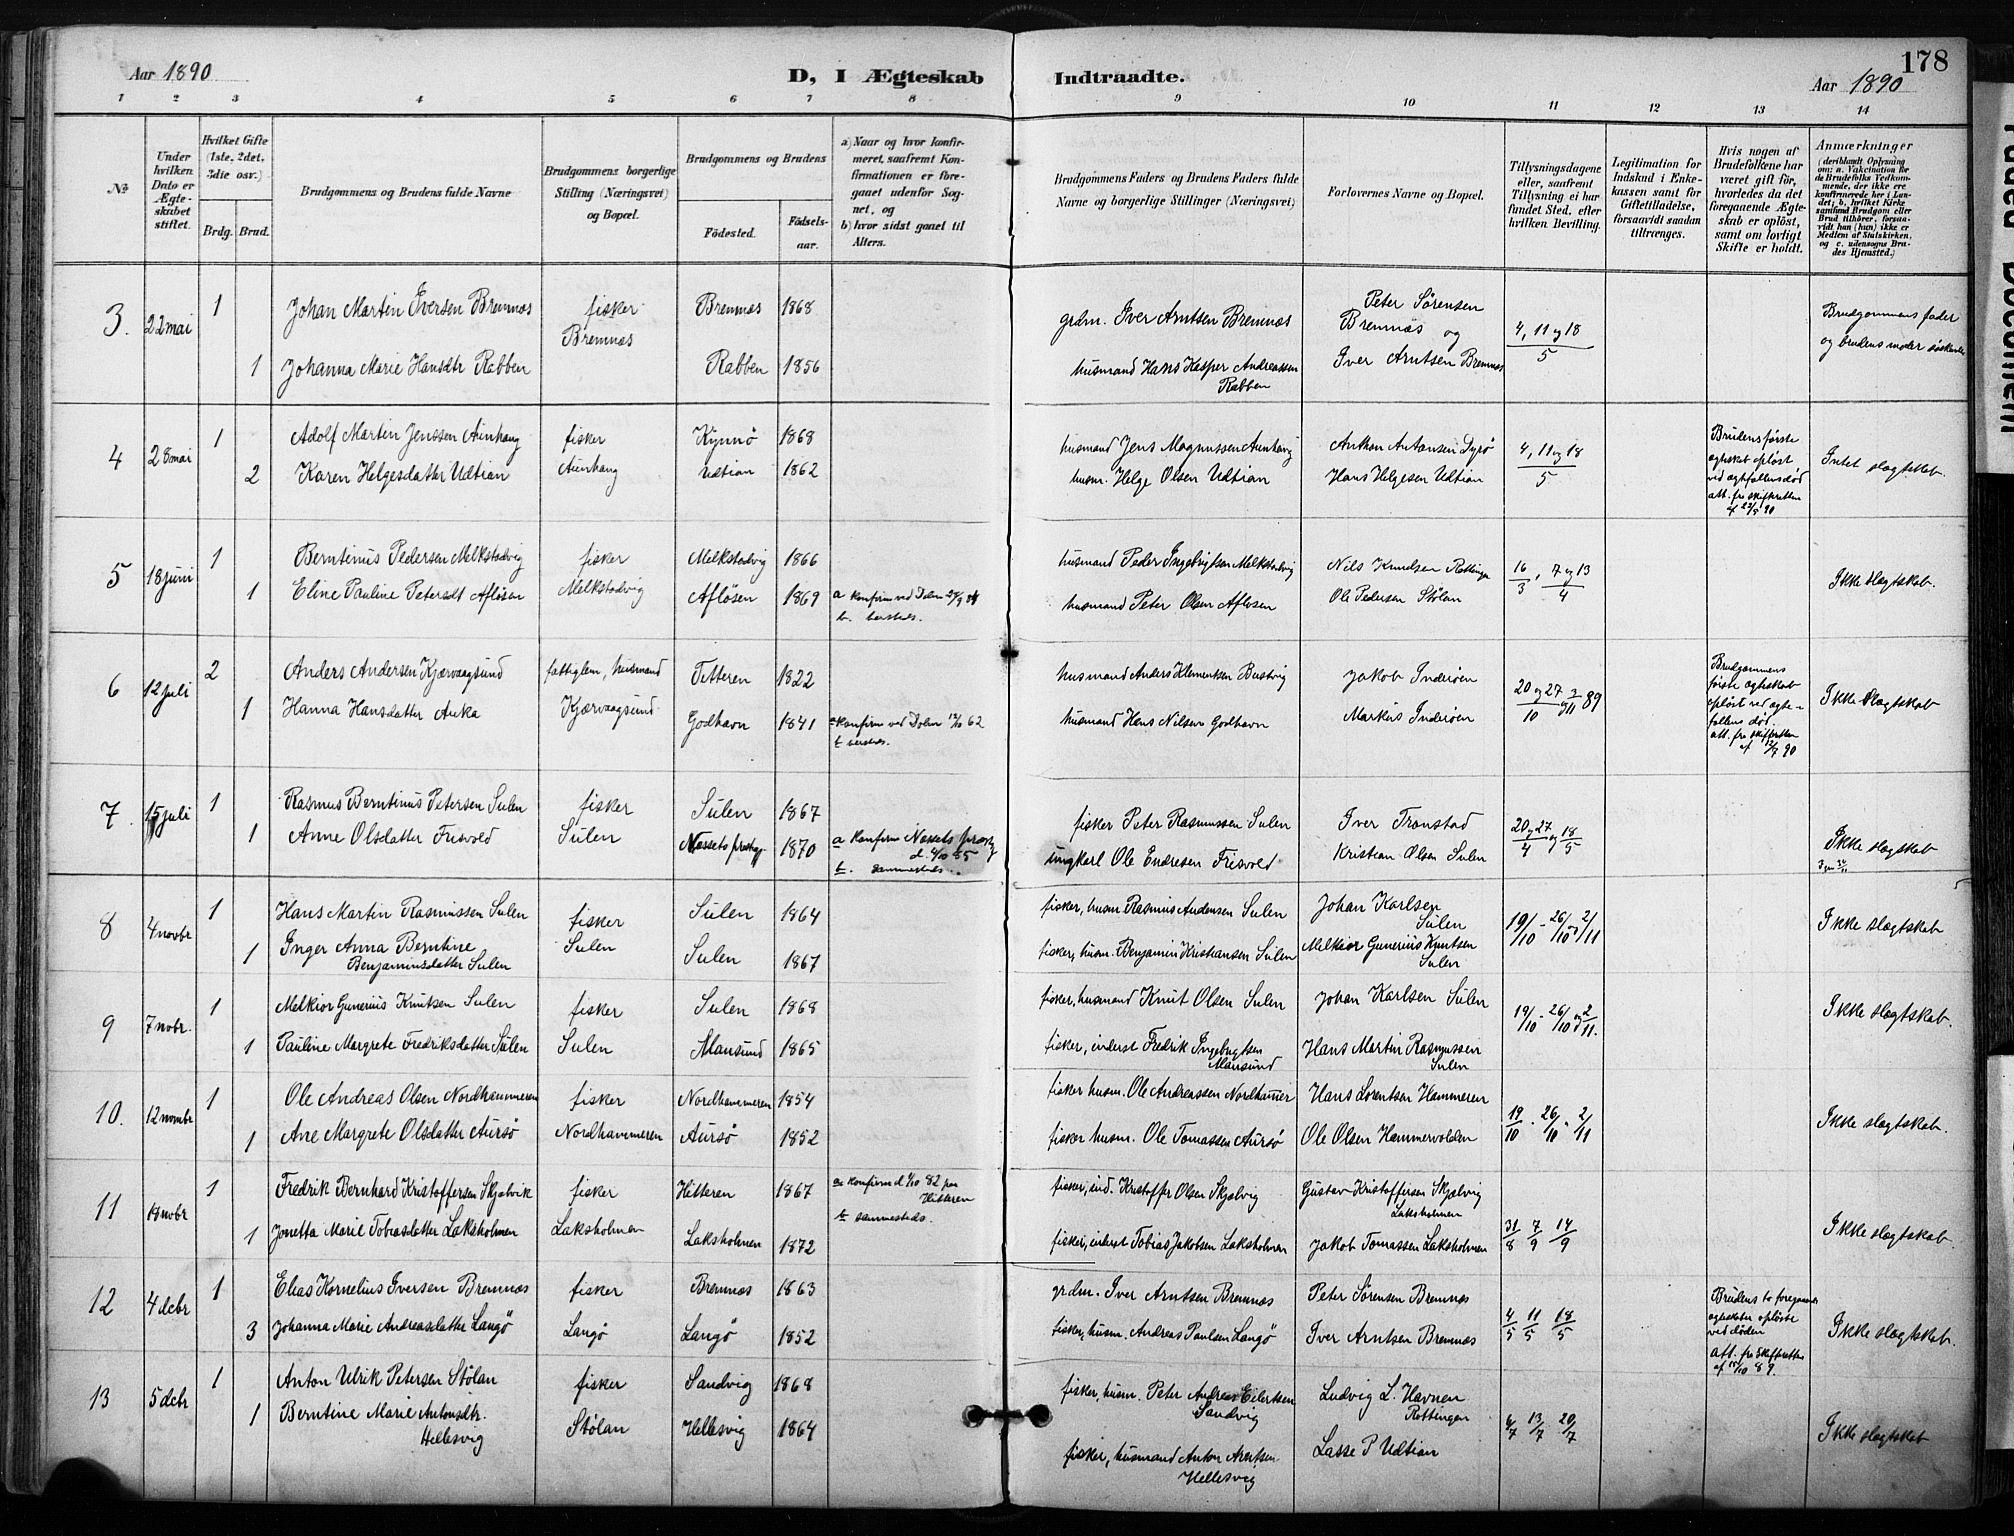 SAT, Ministerialprotokoller, klokkerbøker og fødselsregistre - Sør-Trøndelag, 640/L0579: Ministerialbok nr. 640A04, 1889-1902, s. 178